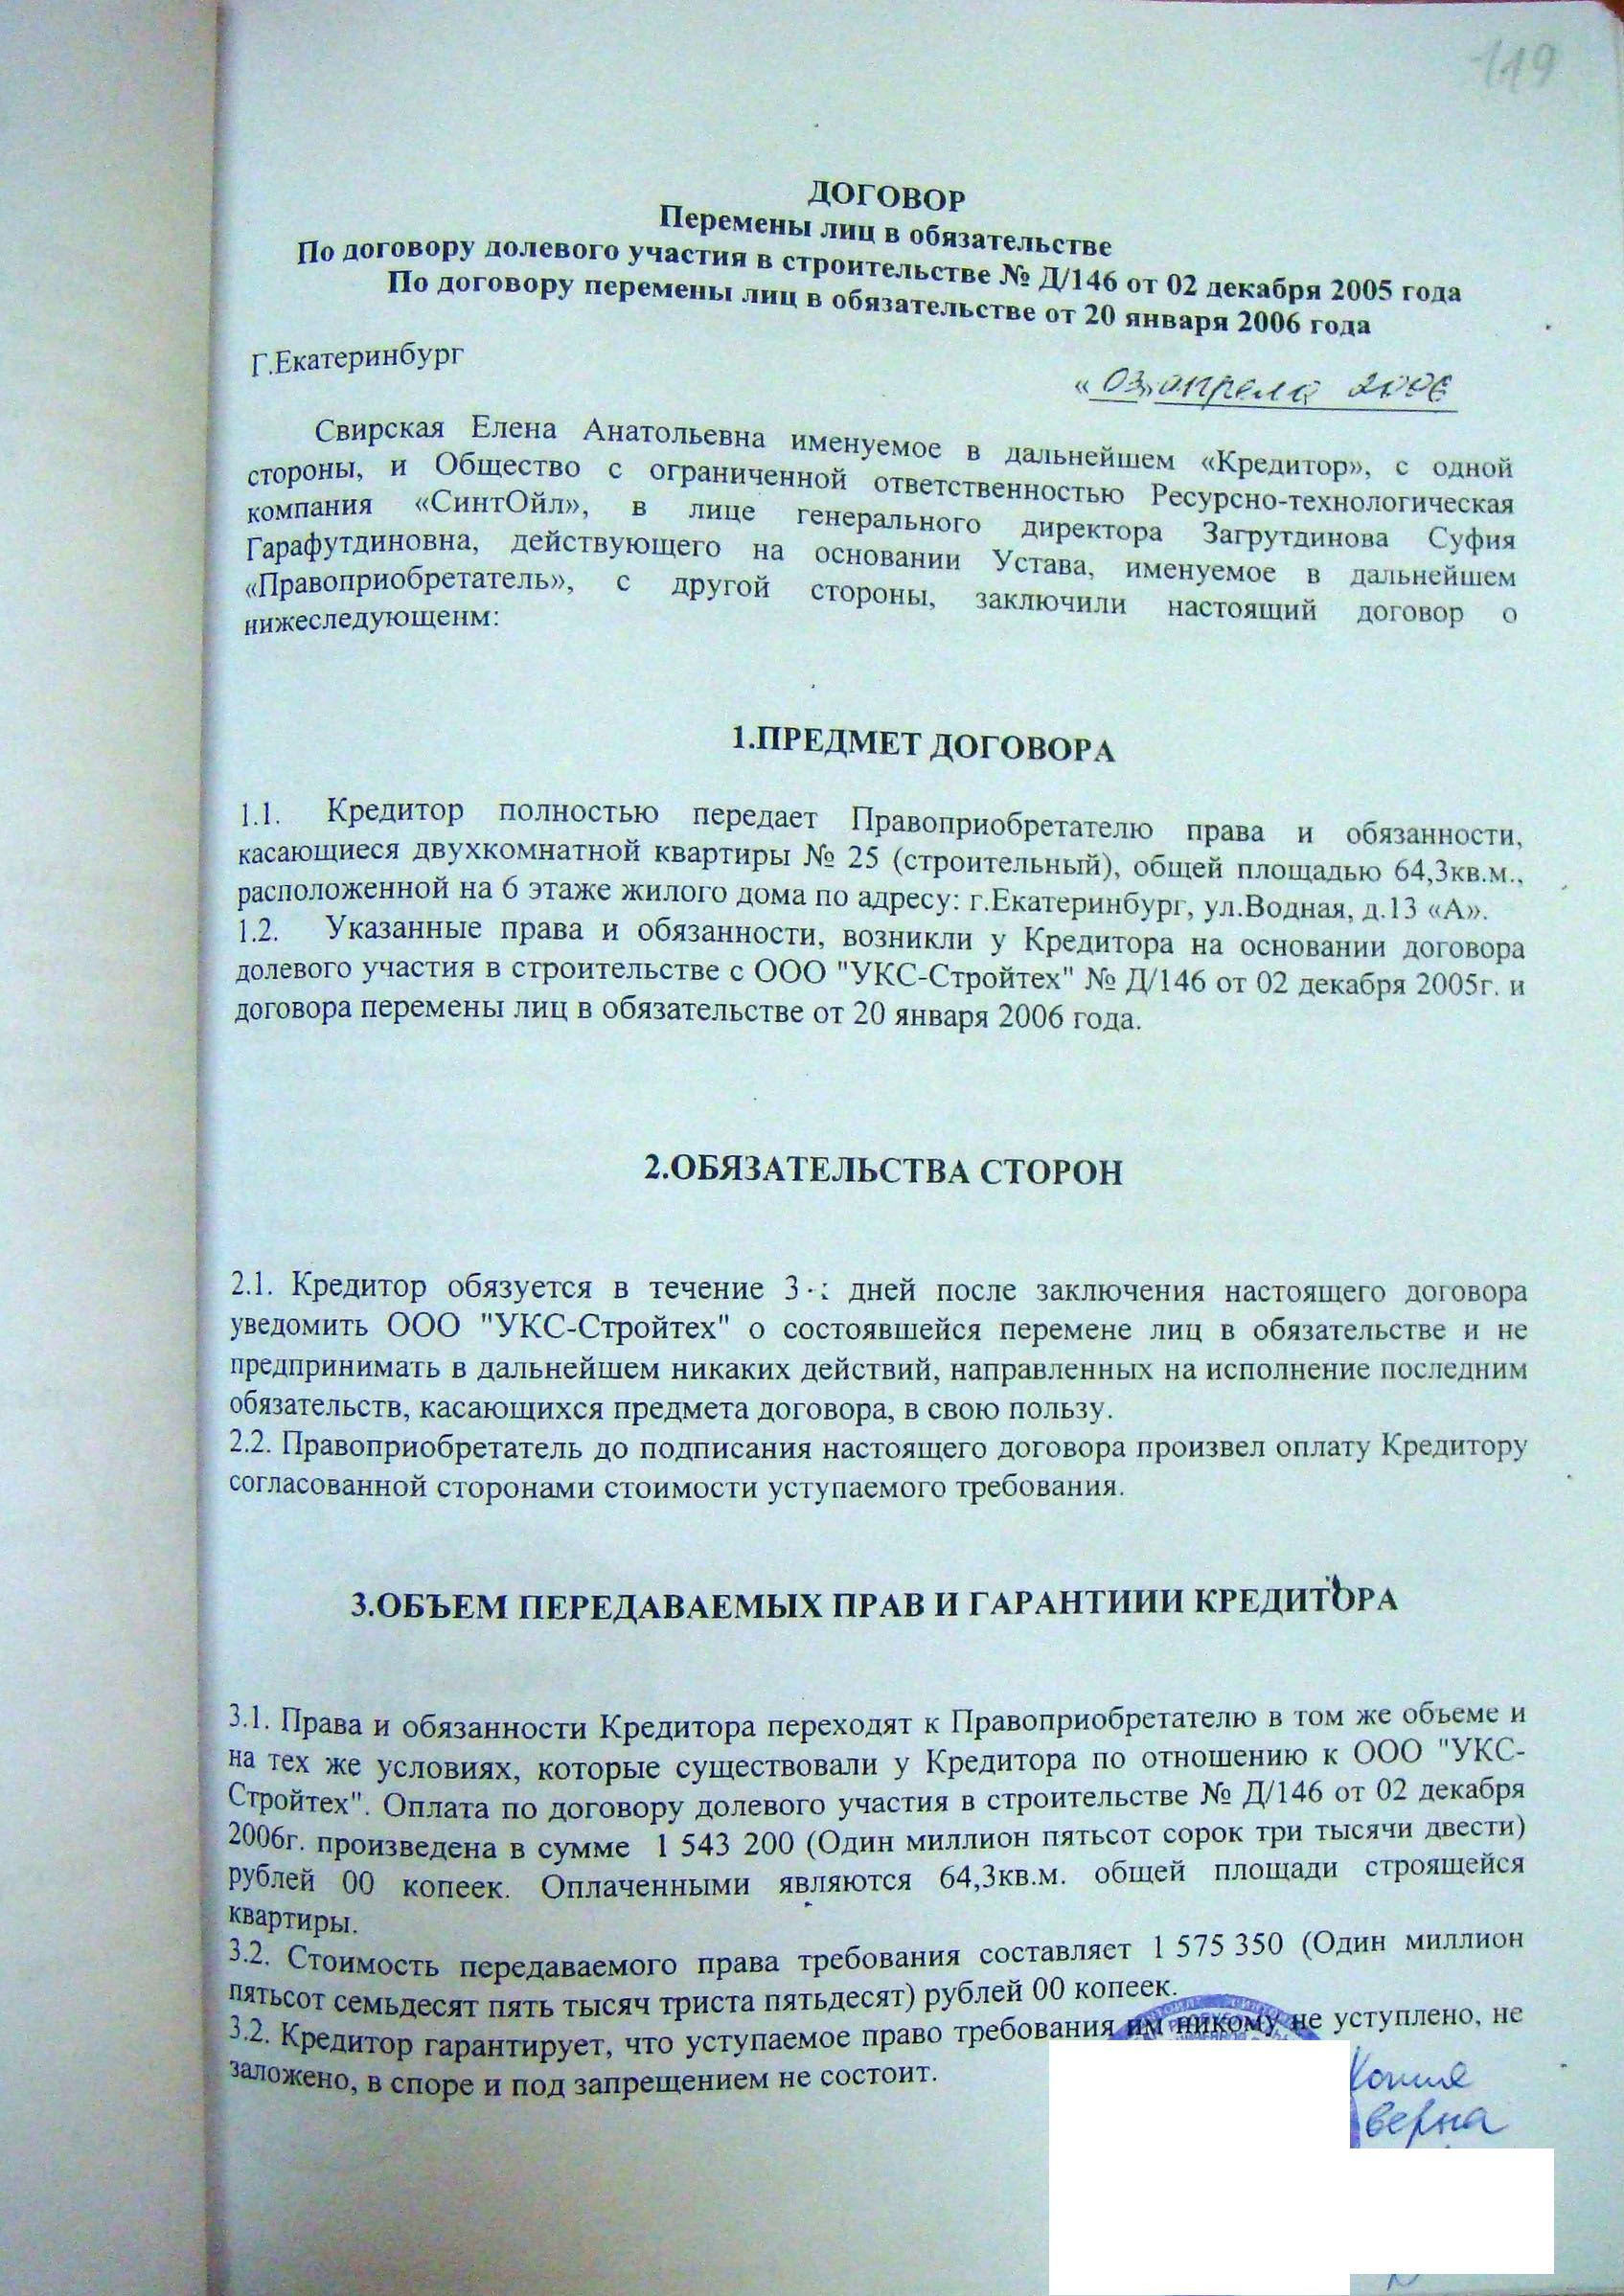 Соглашение о перемене лиц в договоре аренды образец знаю